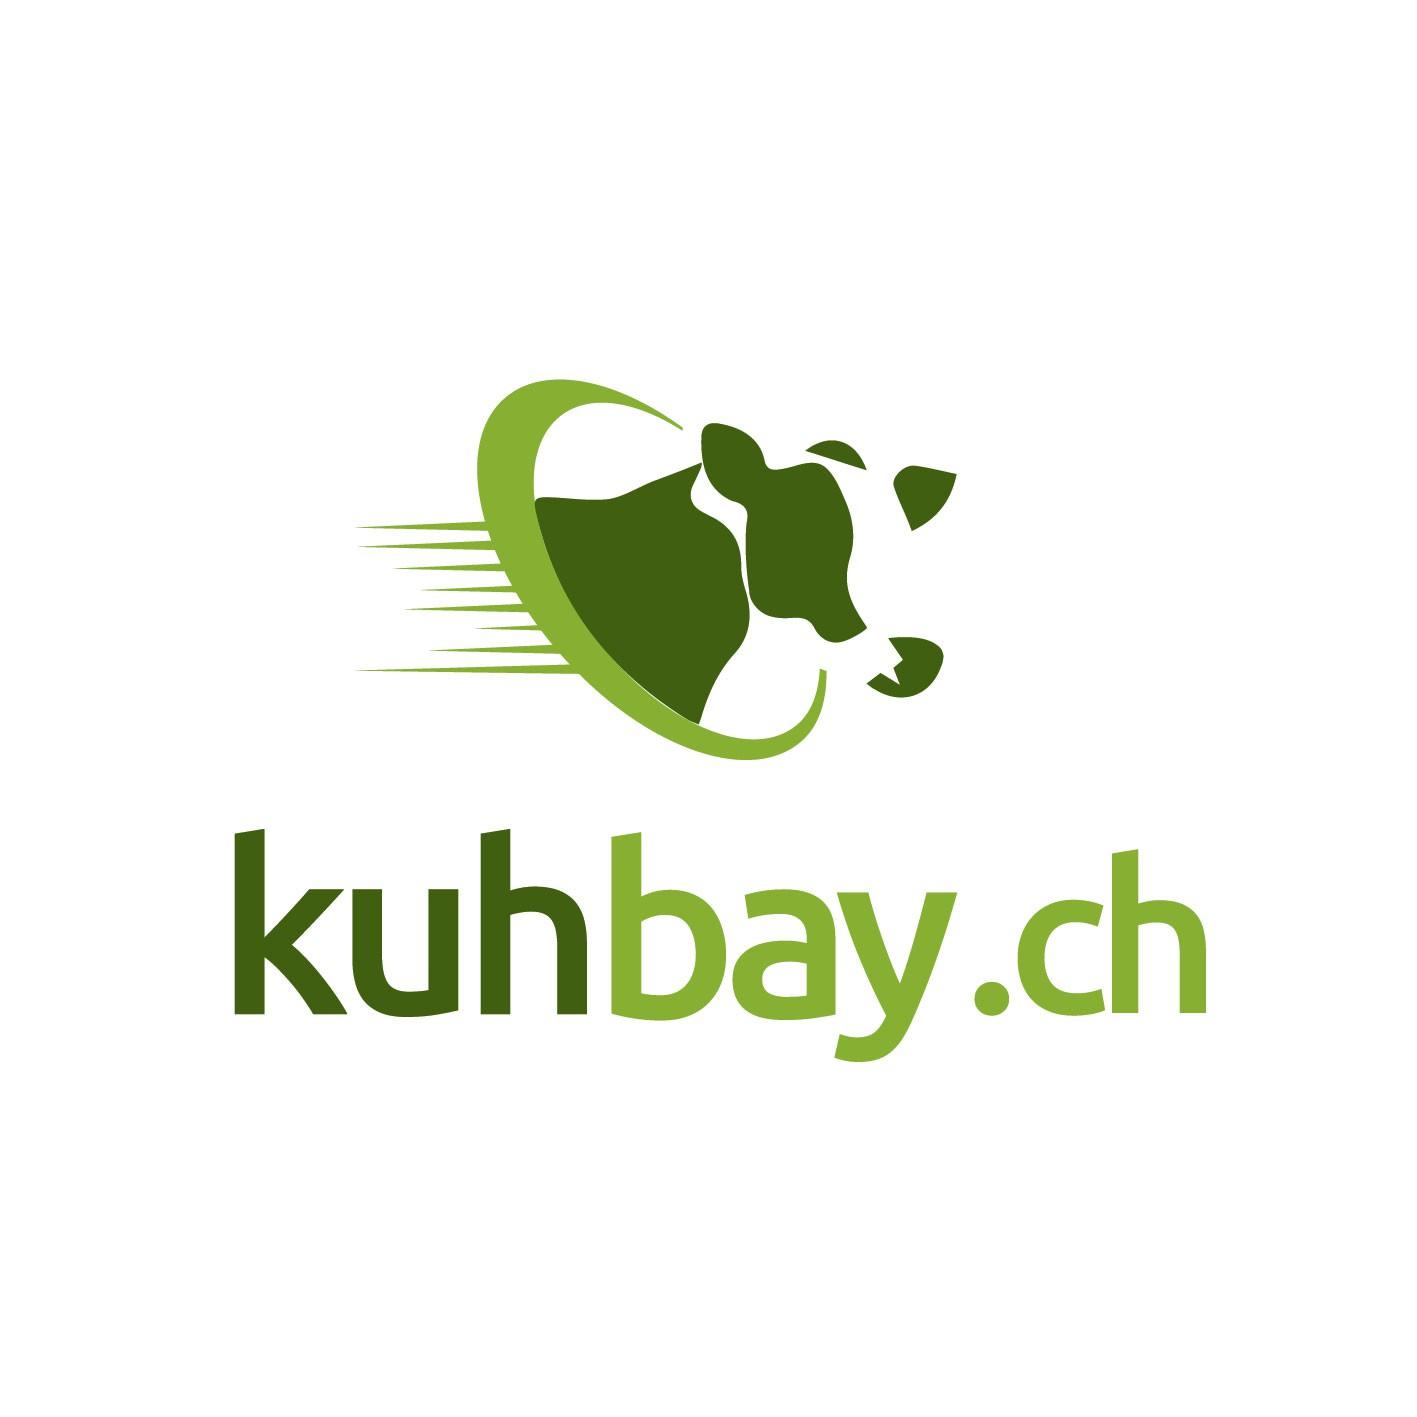 Dein Logo ist die Zukunft der Landwirtschaft